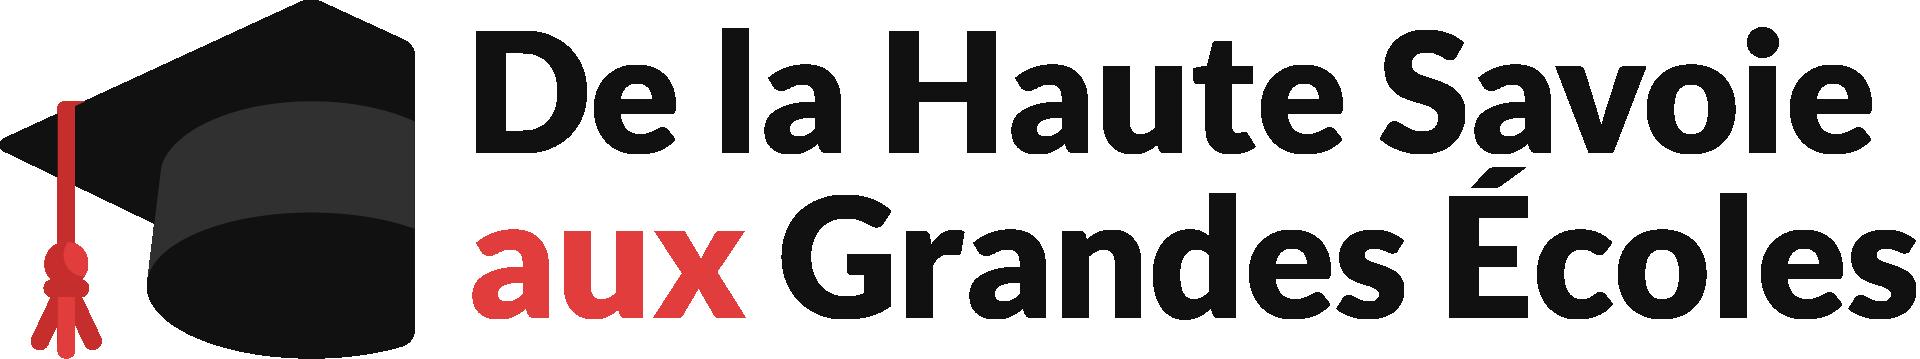 De la Haute Savoie Aux Grandes Écoles